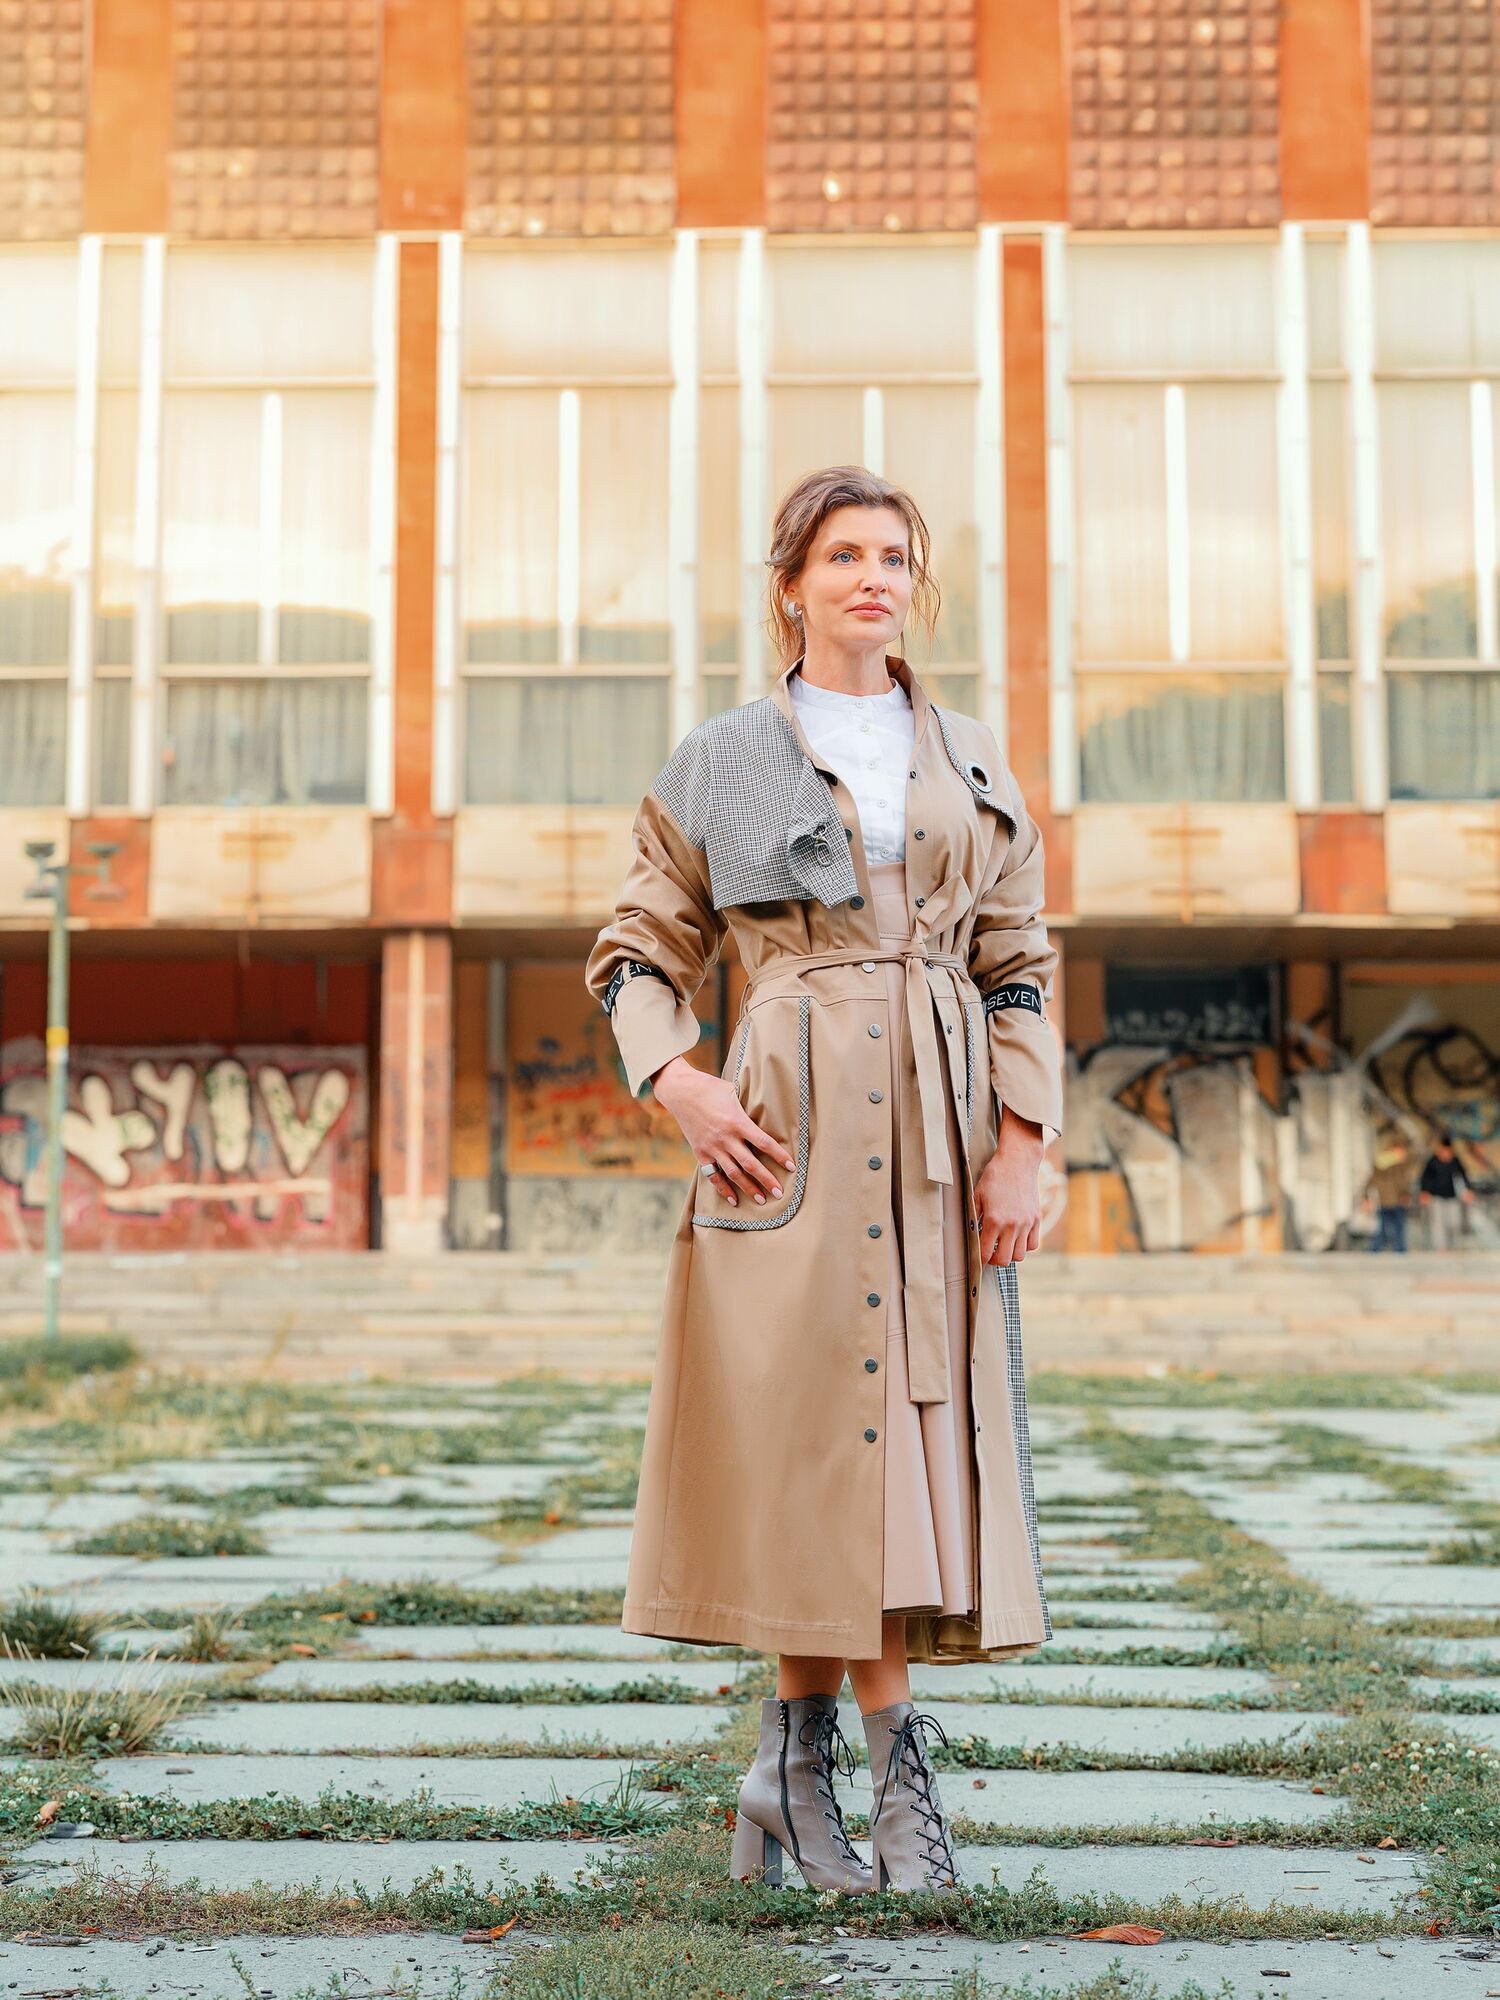 Марина Порошенко розповіла історії, пов'язані з улюбленими місцями у столиці